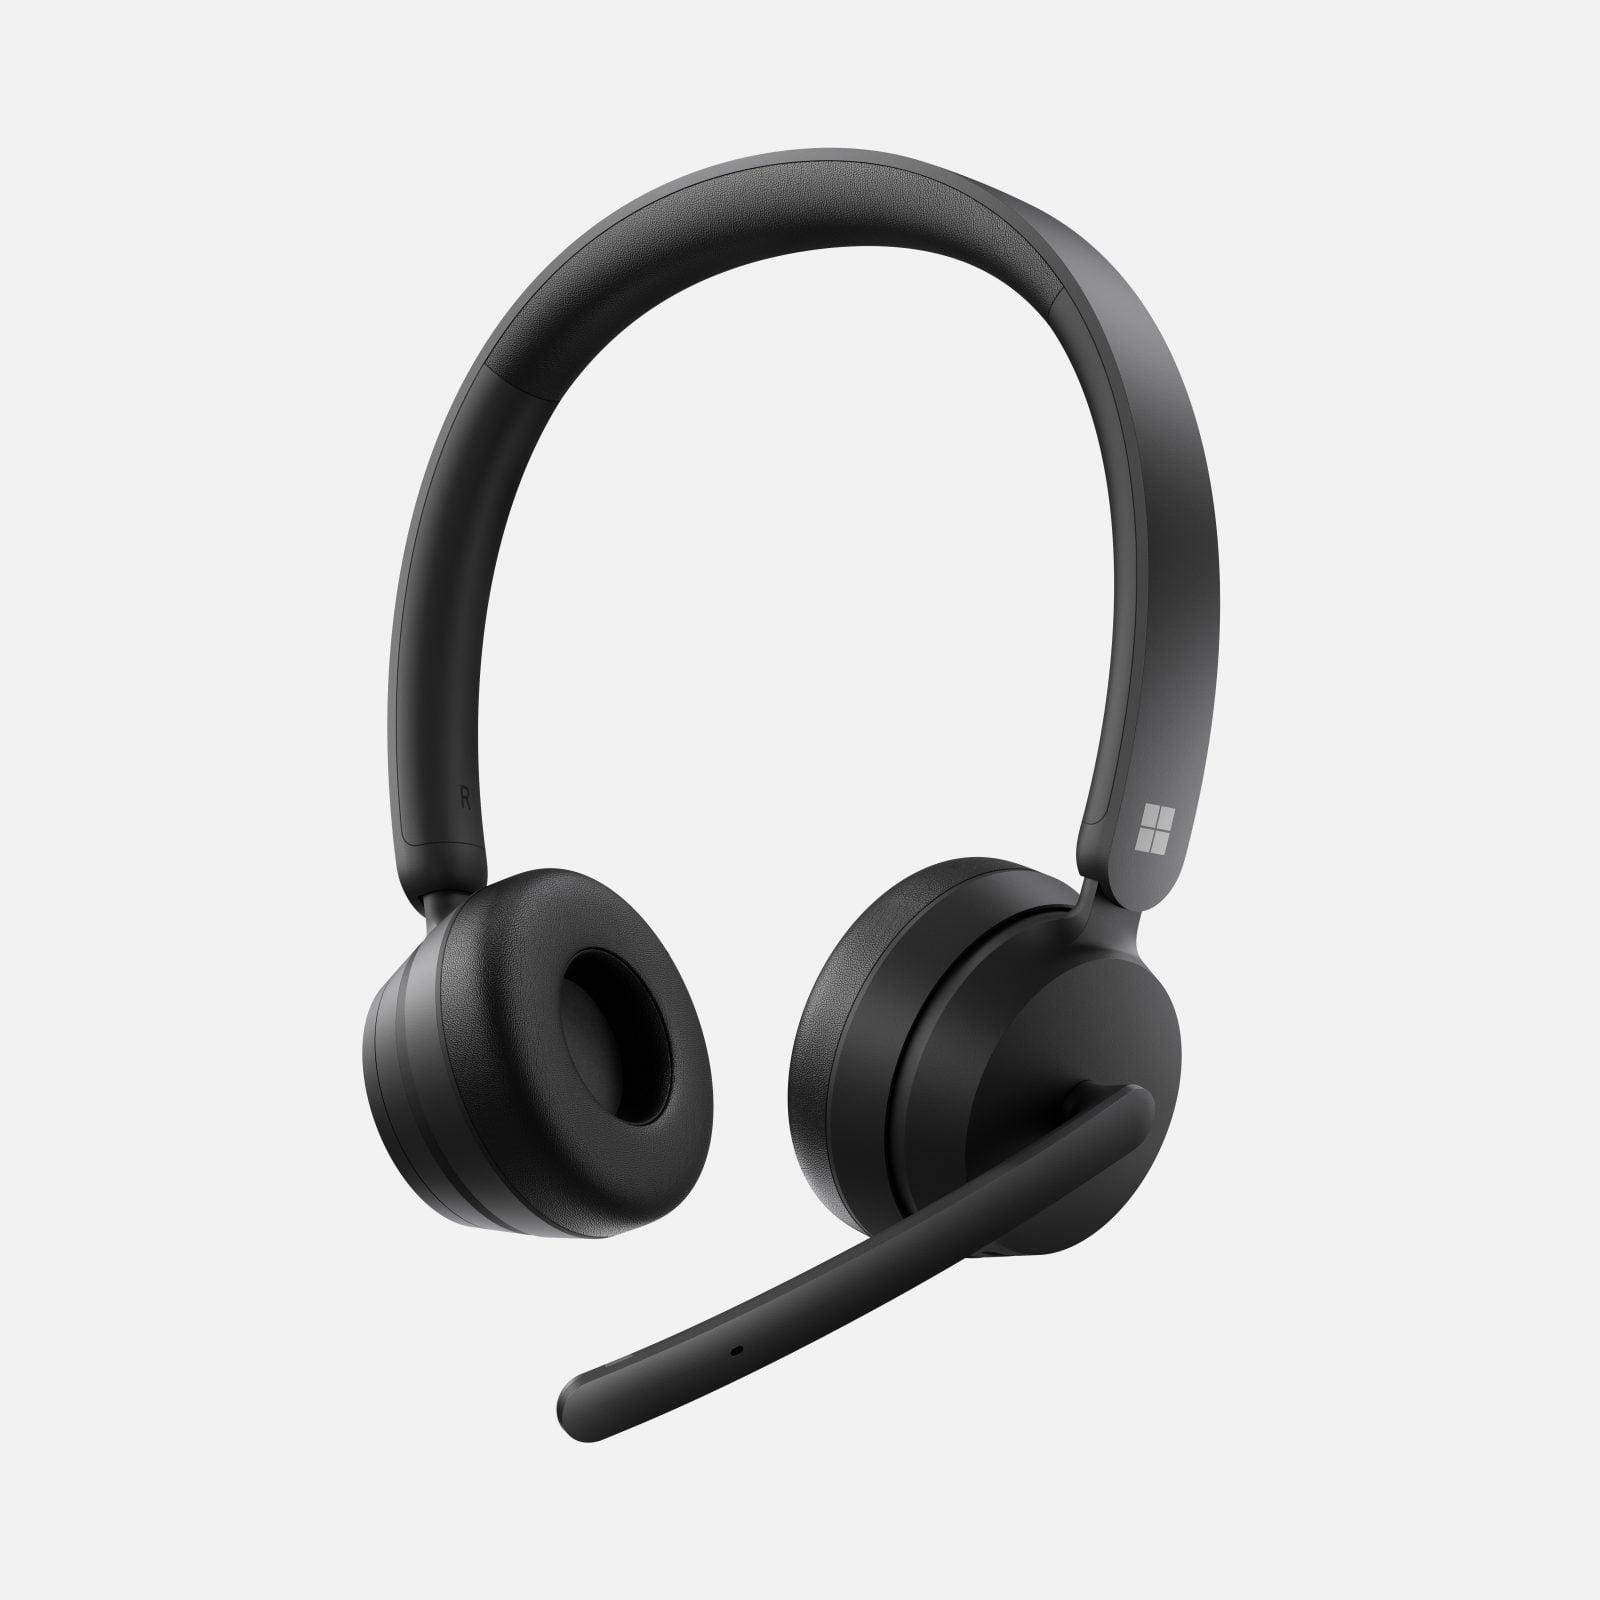 Los nuevos auriculares bluetooth